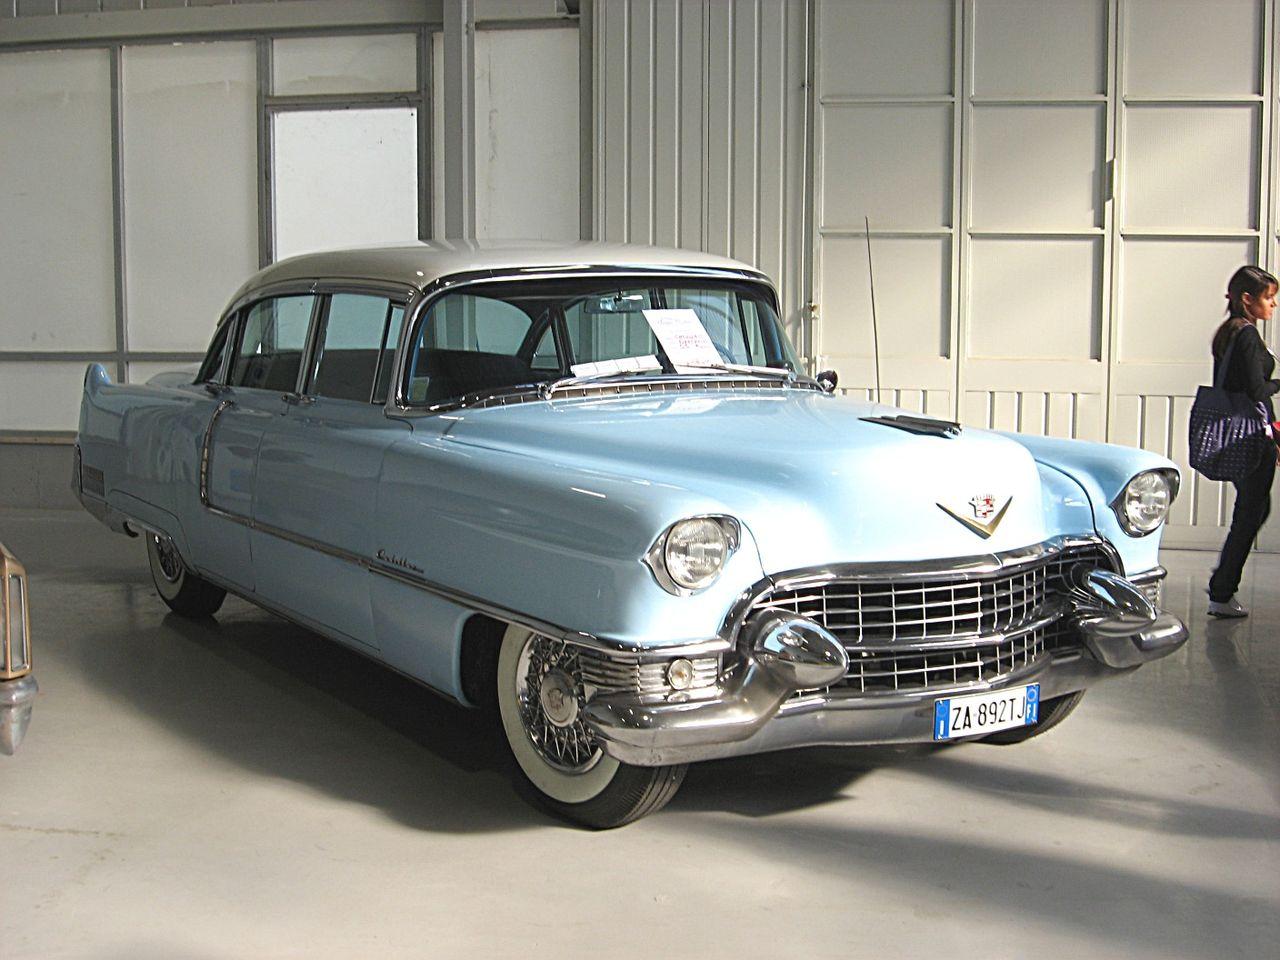 Old Cadillac Cars